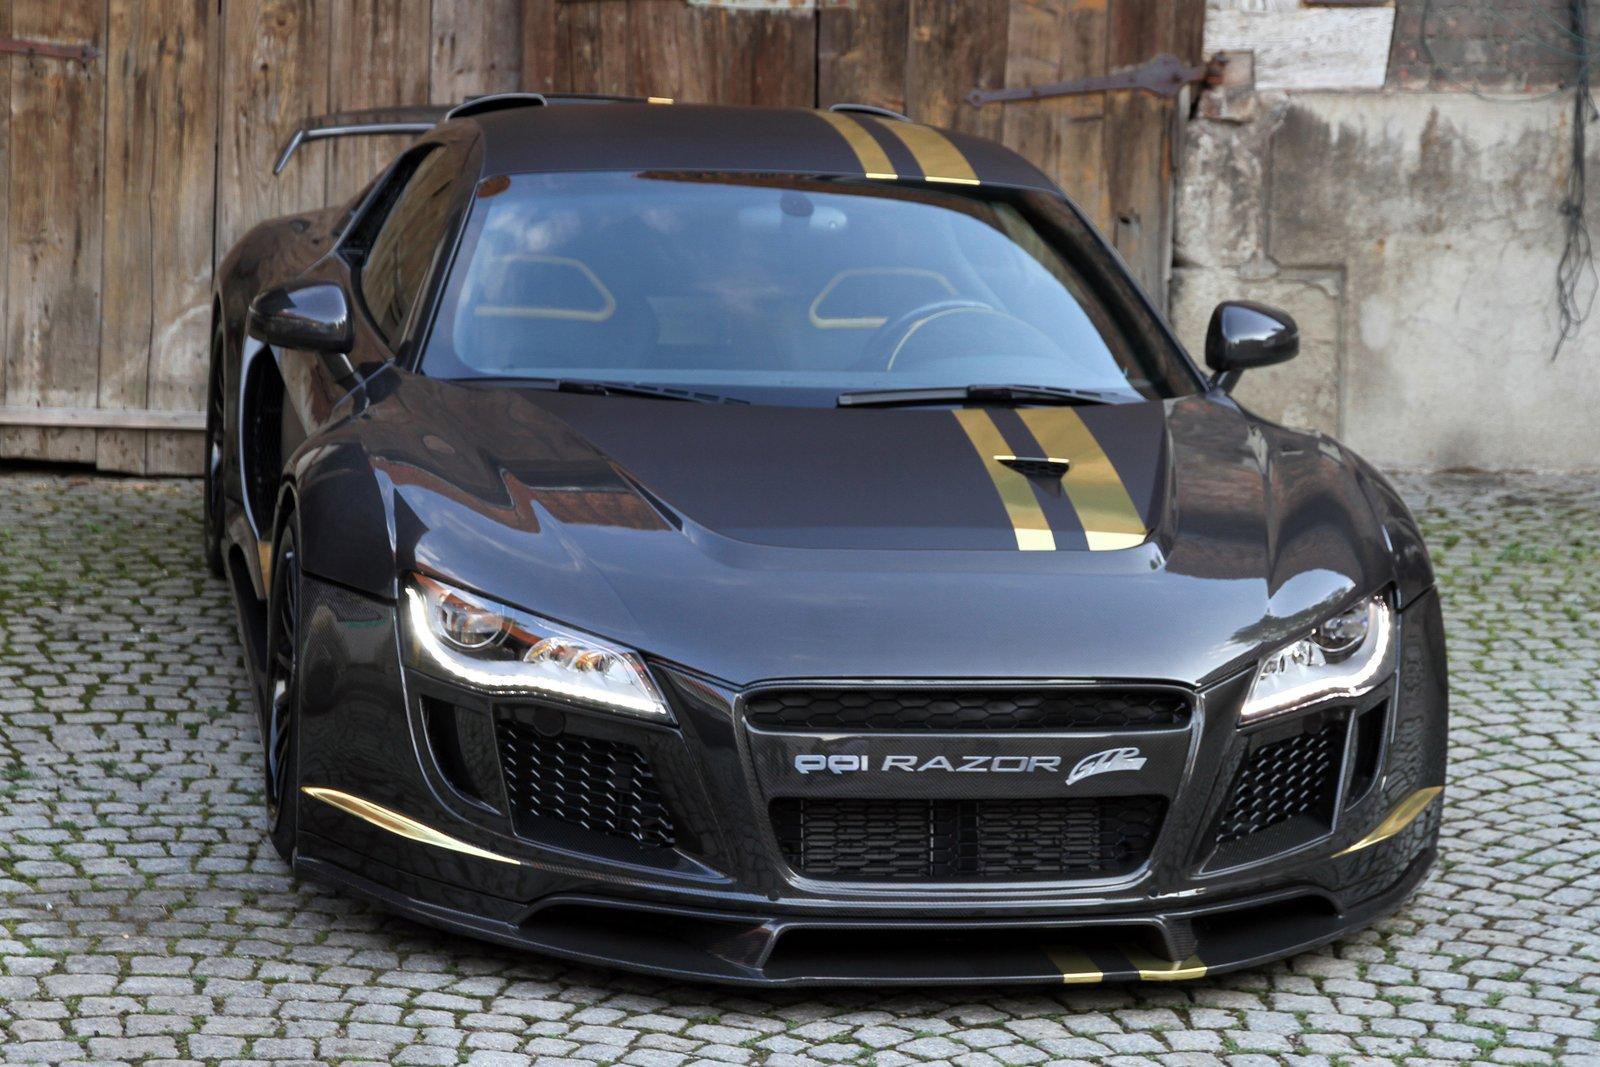 Ppi Razor Gtr on Audi R8 Regula